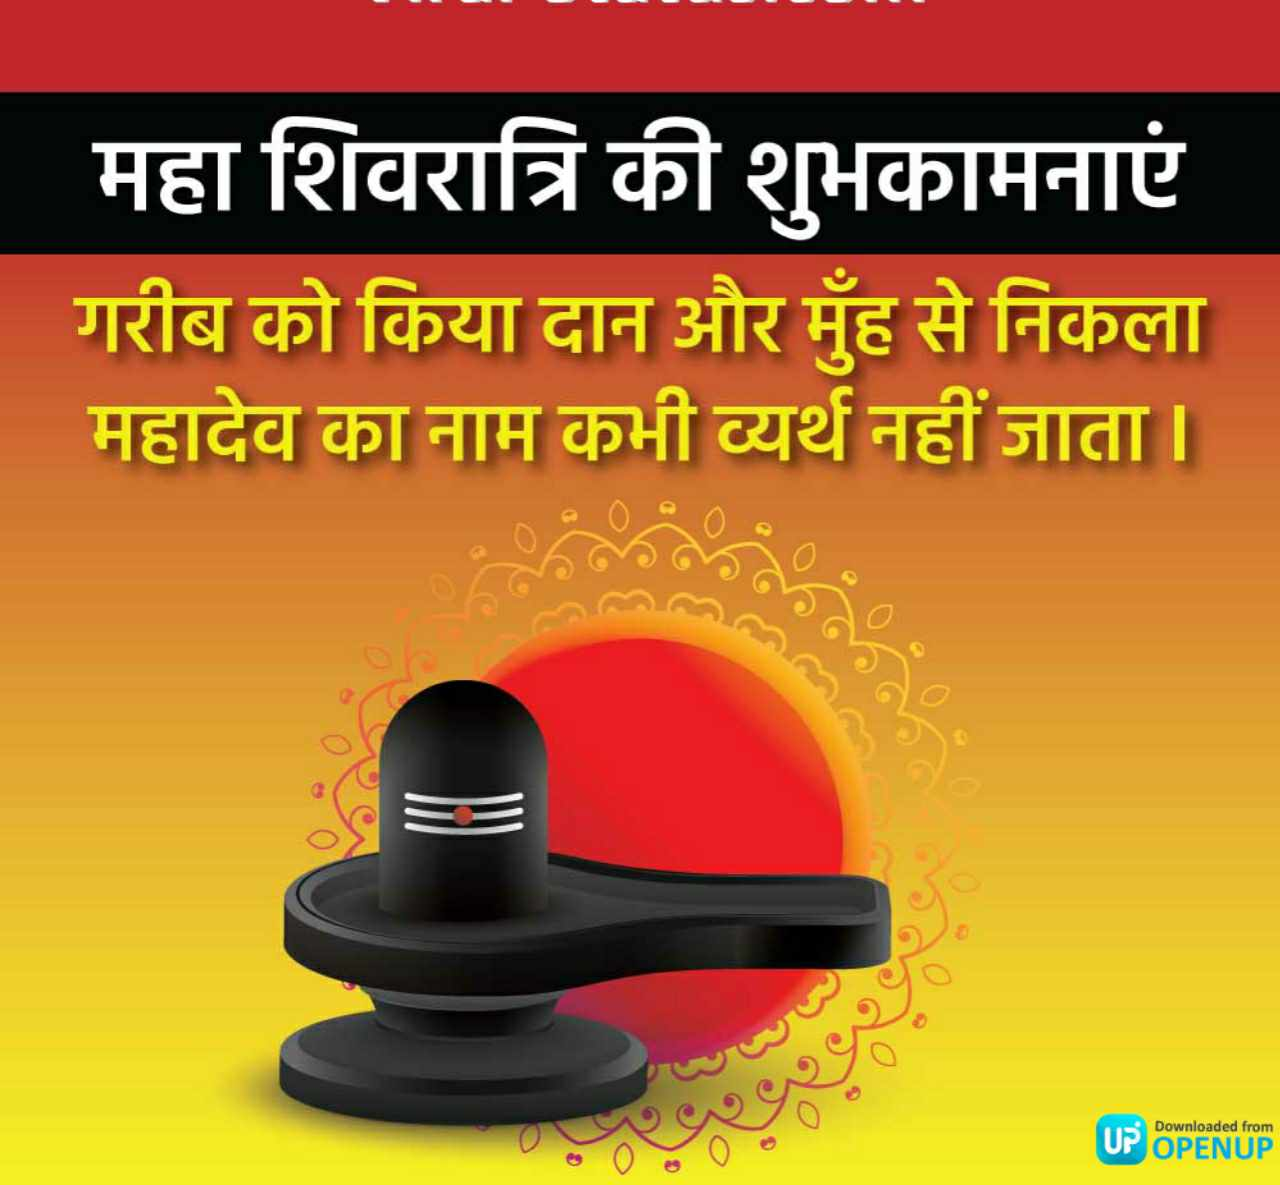 maha shivratri hd images